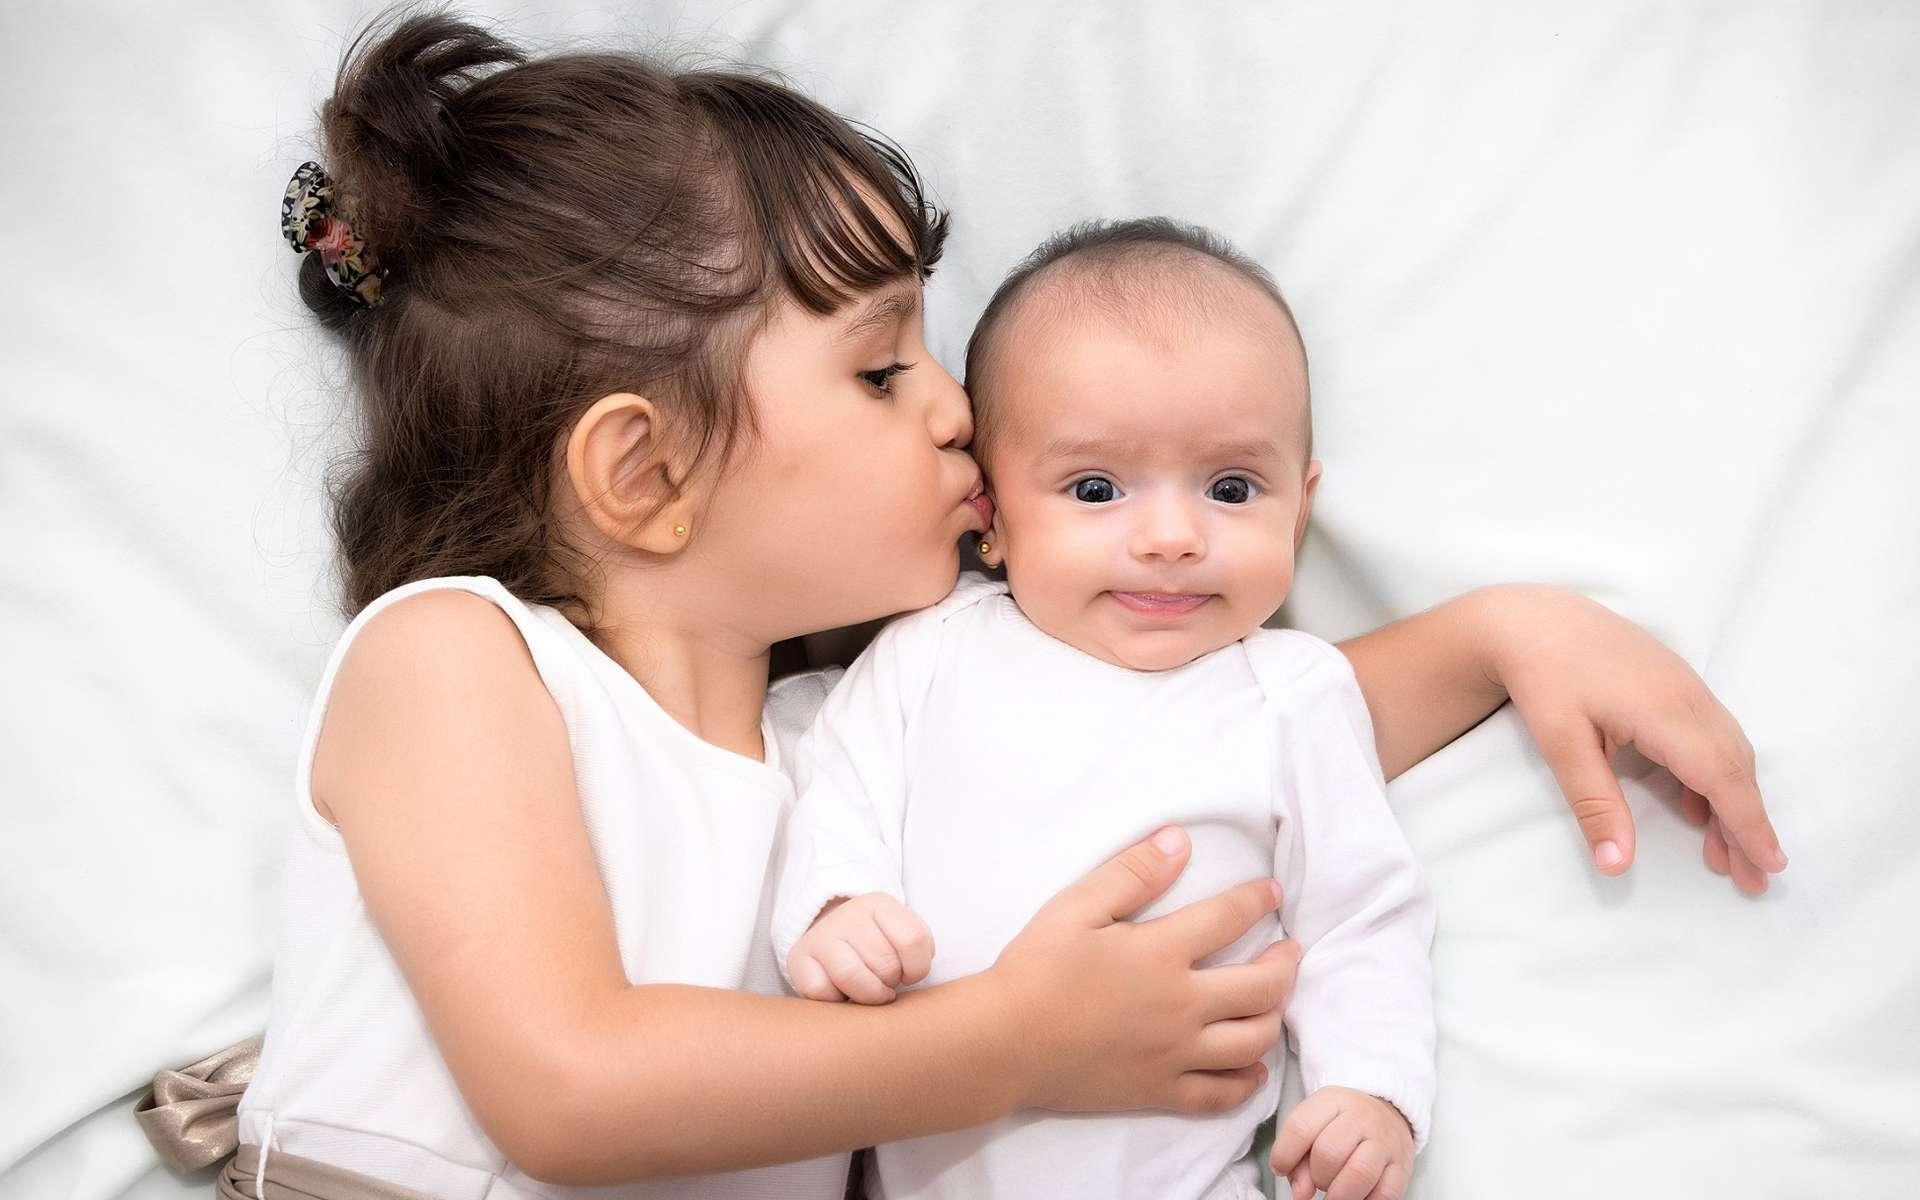 Un enfant qui a eu un petit frère ou une petite sœur entre deux ans et quatre ans et demi a moins de risque d'être obèse. © alexis kapsaskis, Shutterstock